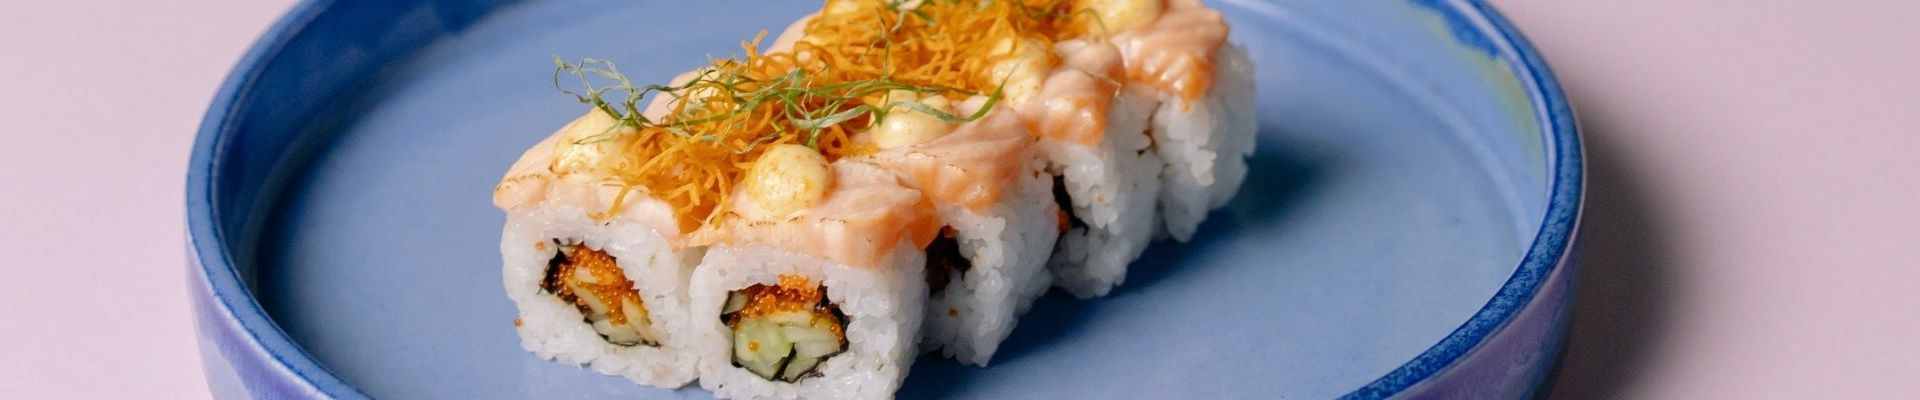 La întâlnirea dintre cultură și gastronomie japoneză: livrare sushi București